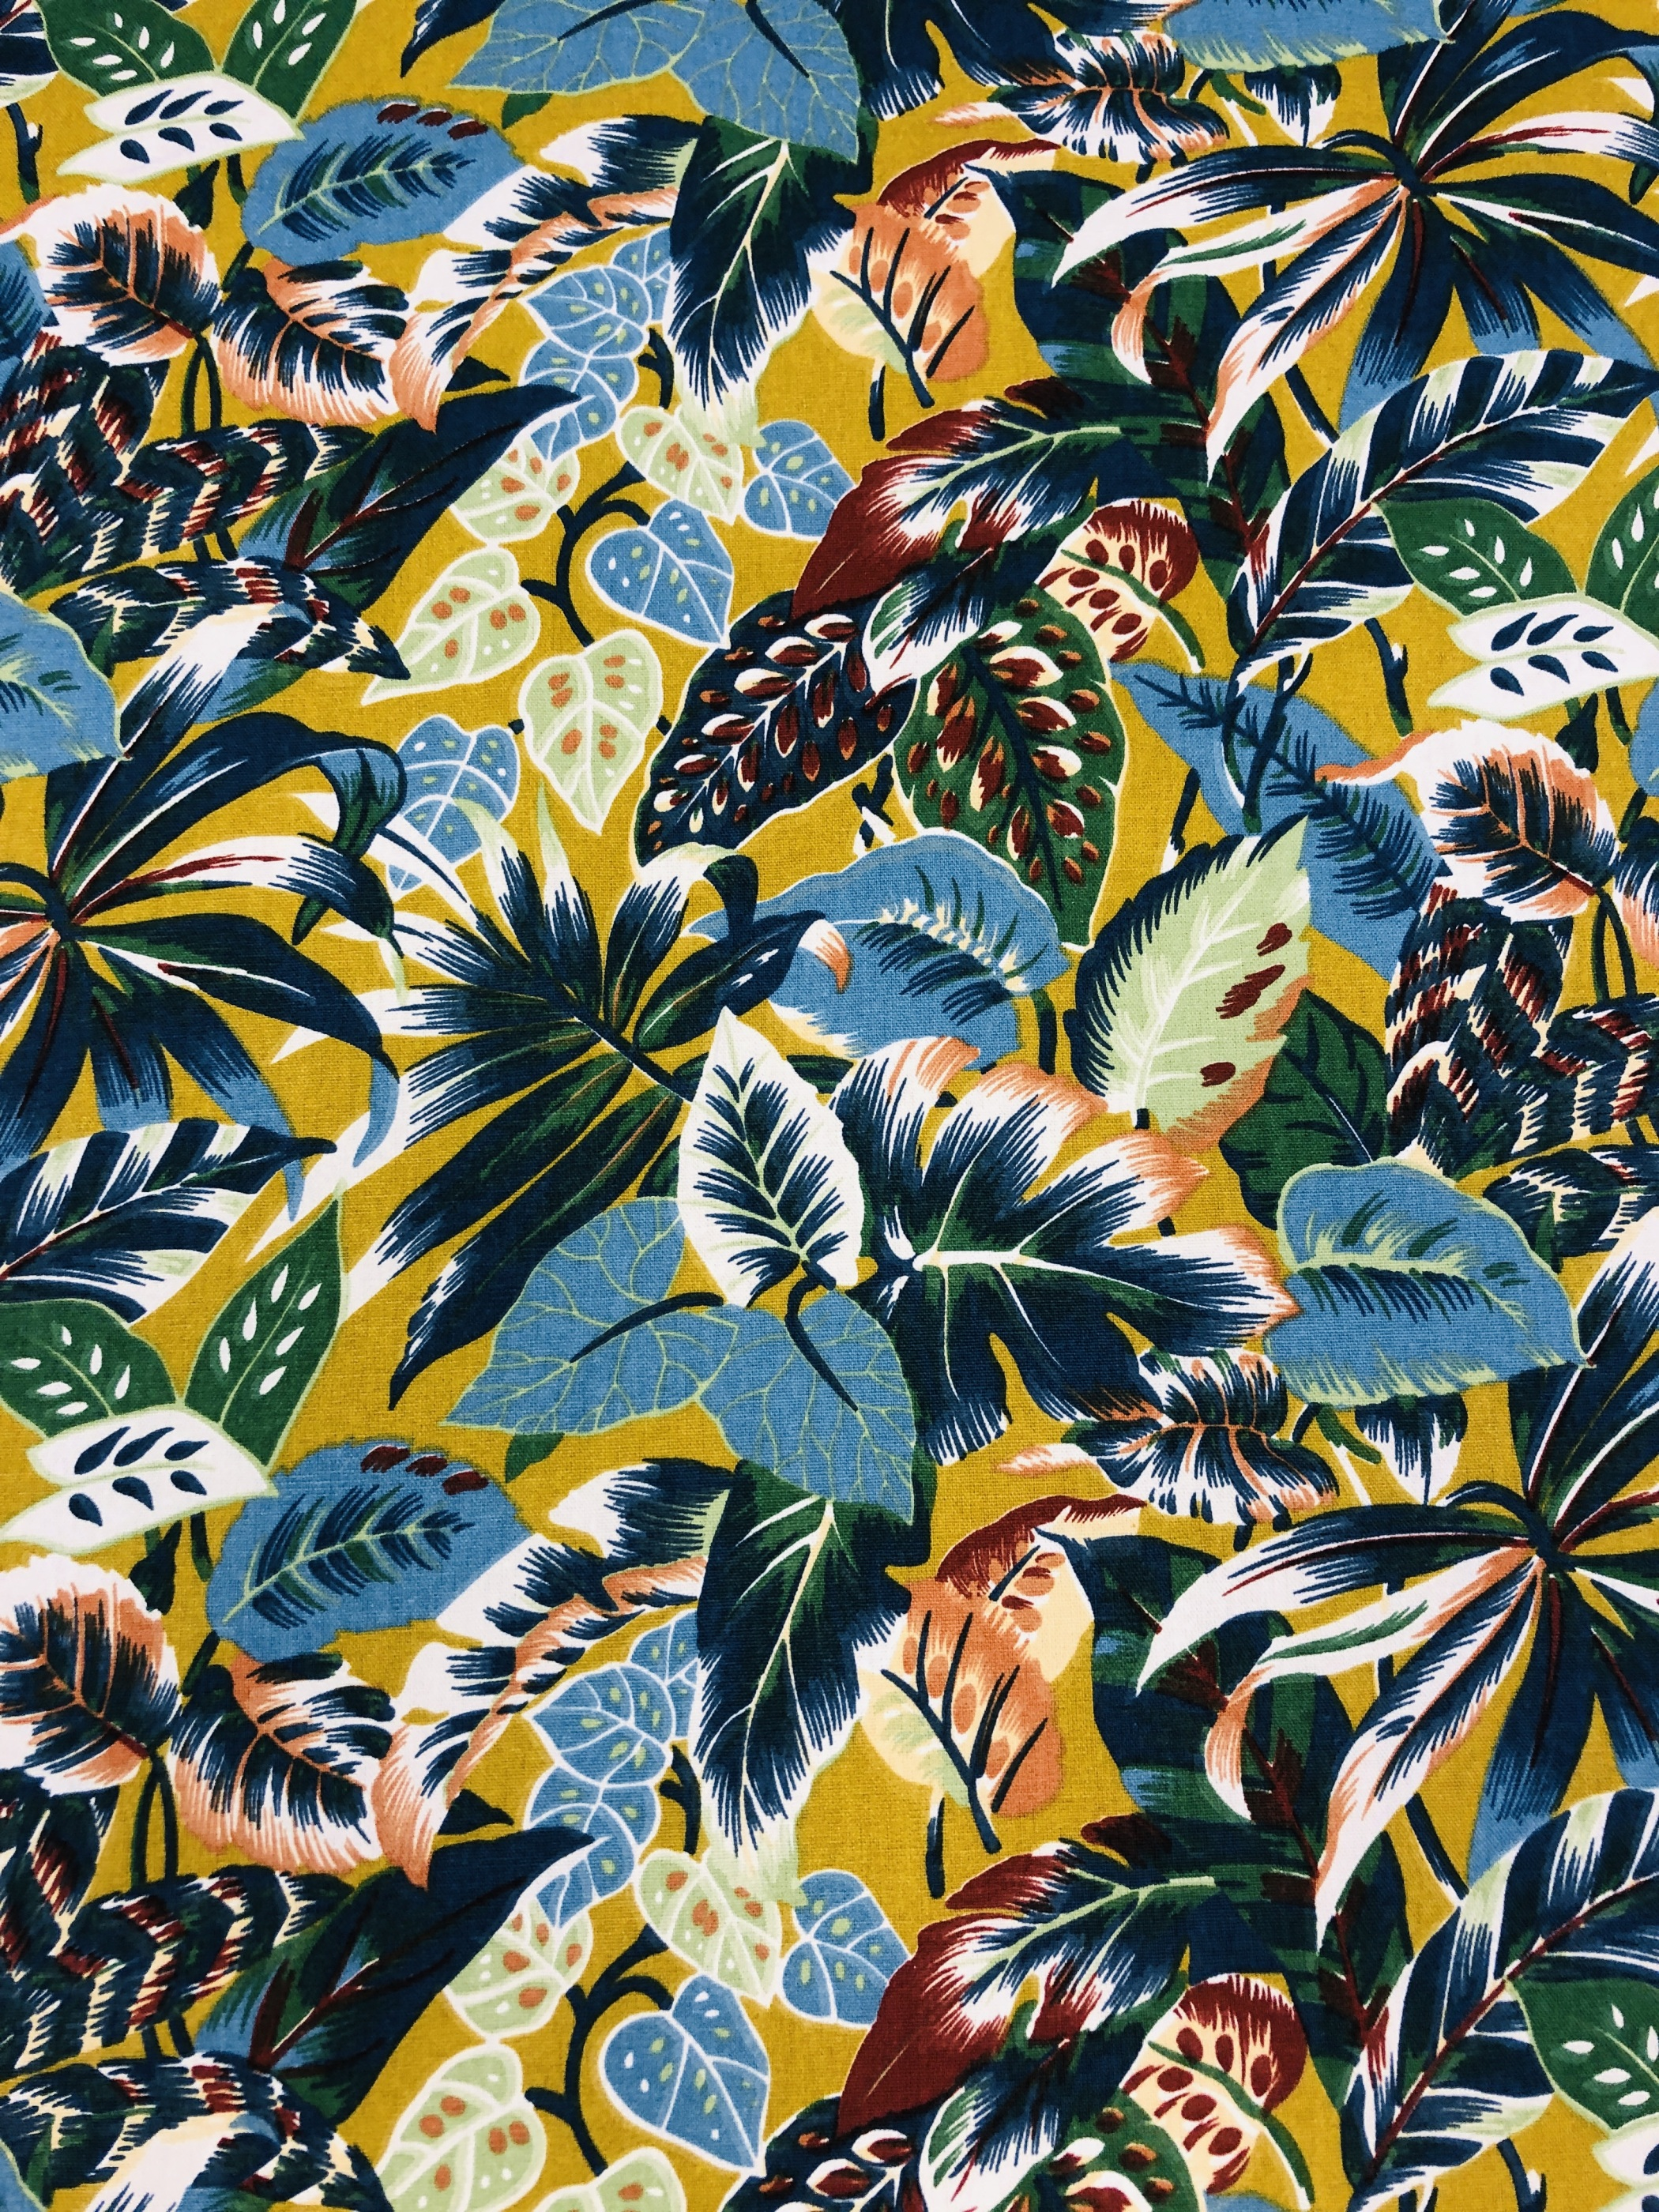 djungelblad höst metervara bomullstyg Tyglust hemtextil Laholm grön gul blå